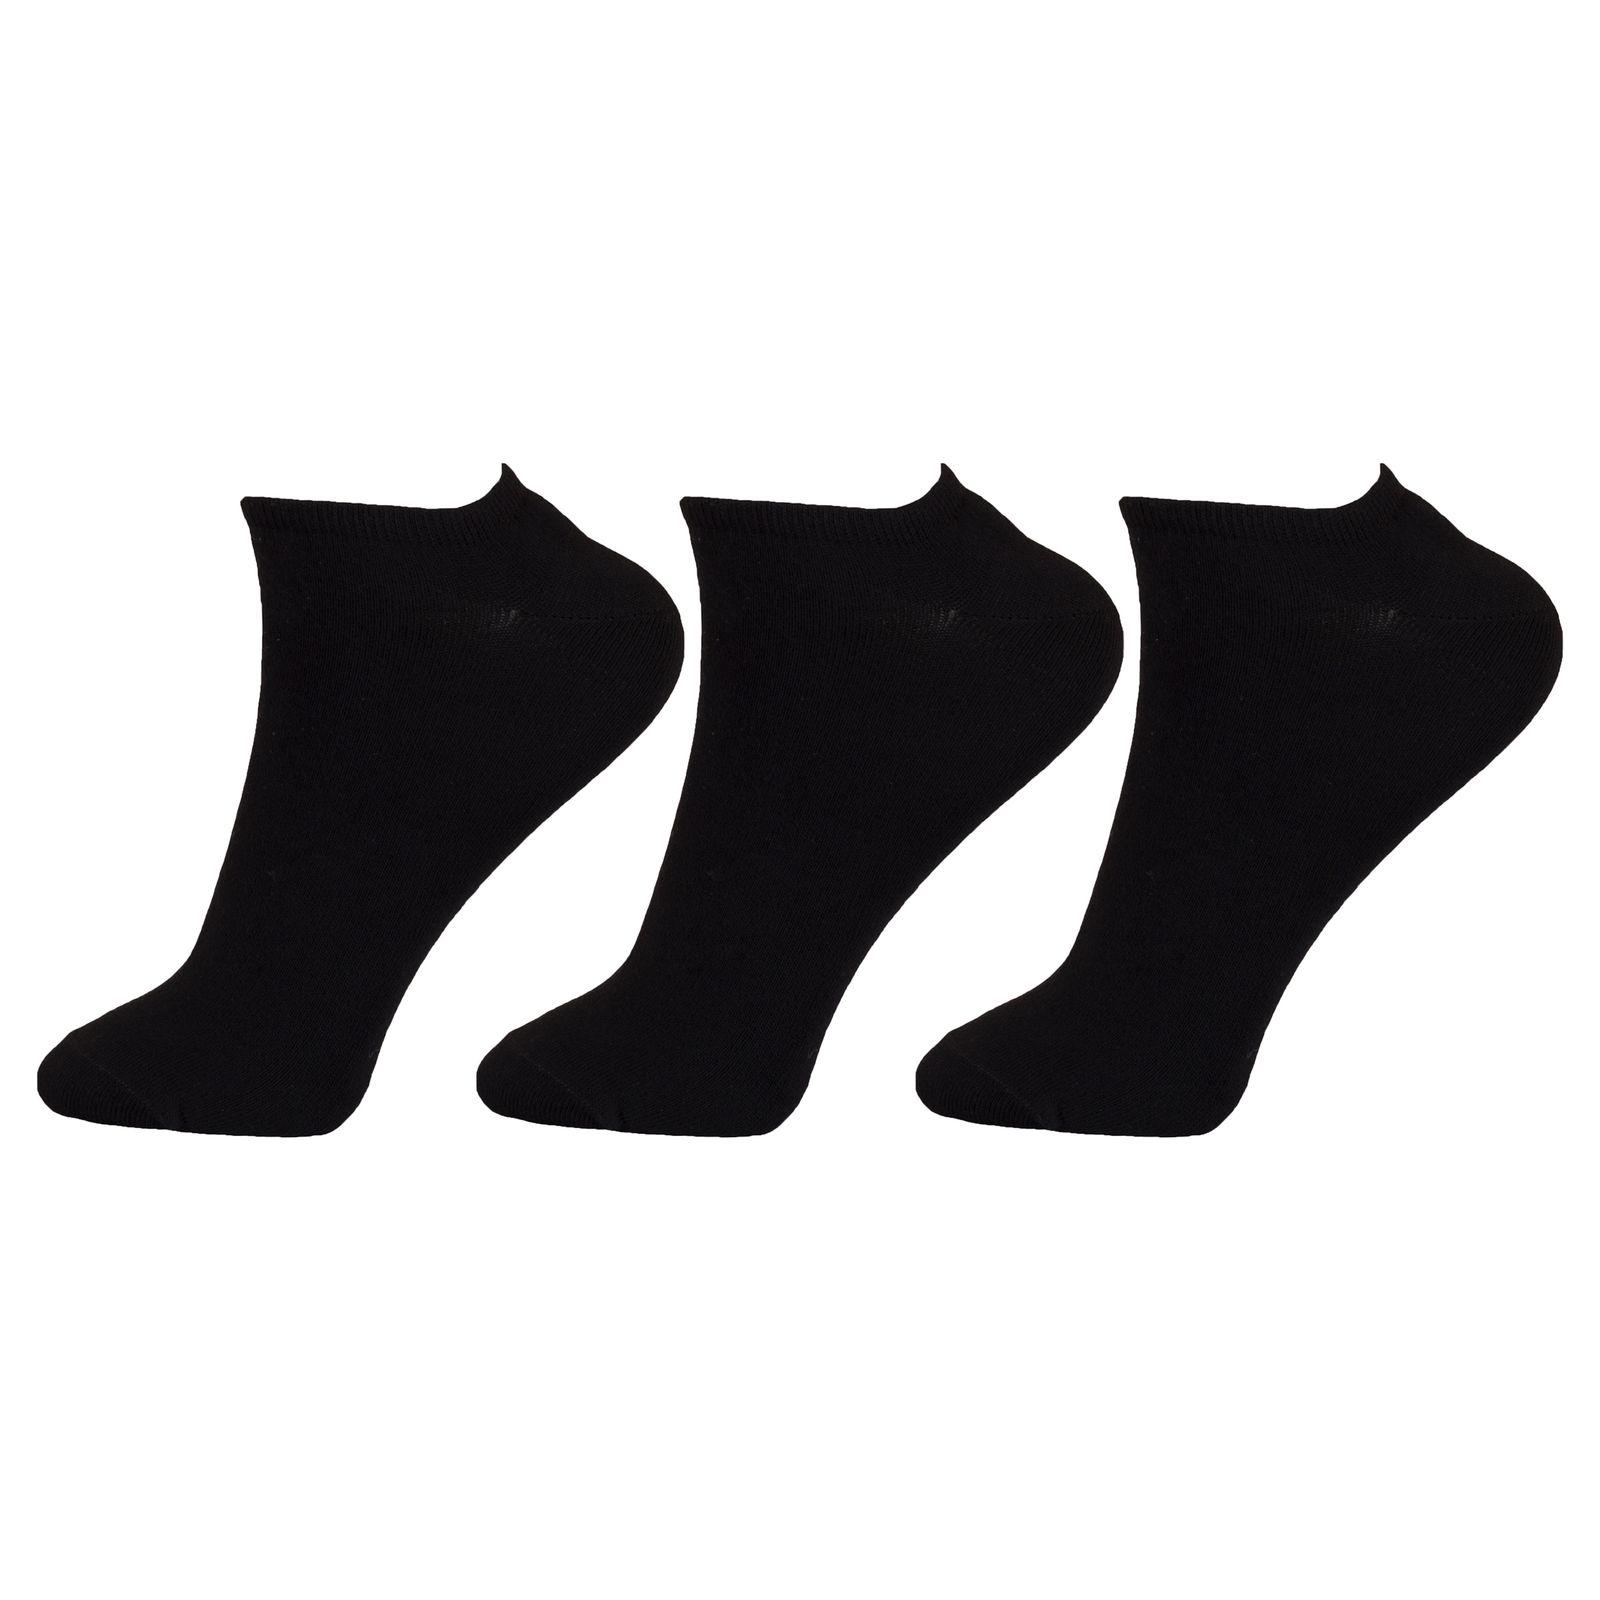 جوراب زنانه مستر جوراب کد BL-MRM 203 بسته 3 عددی -  - 2